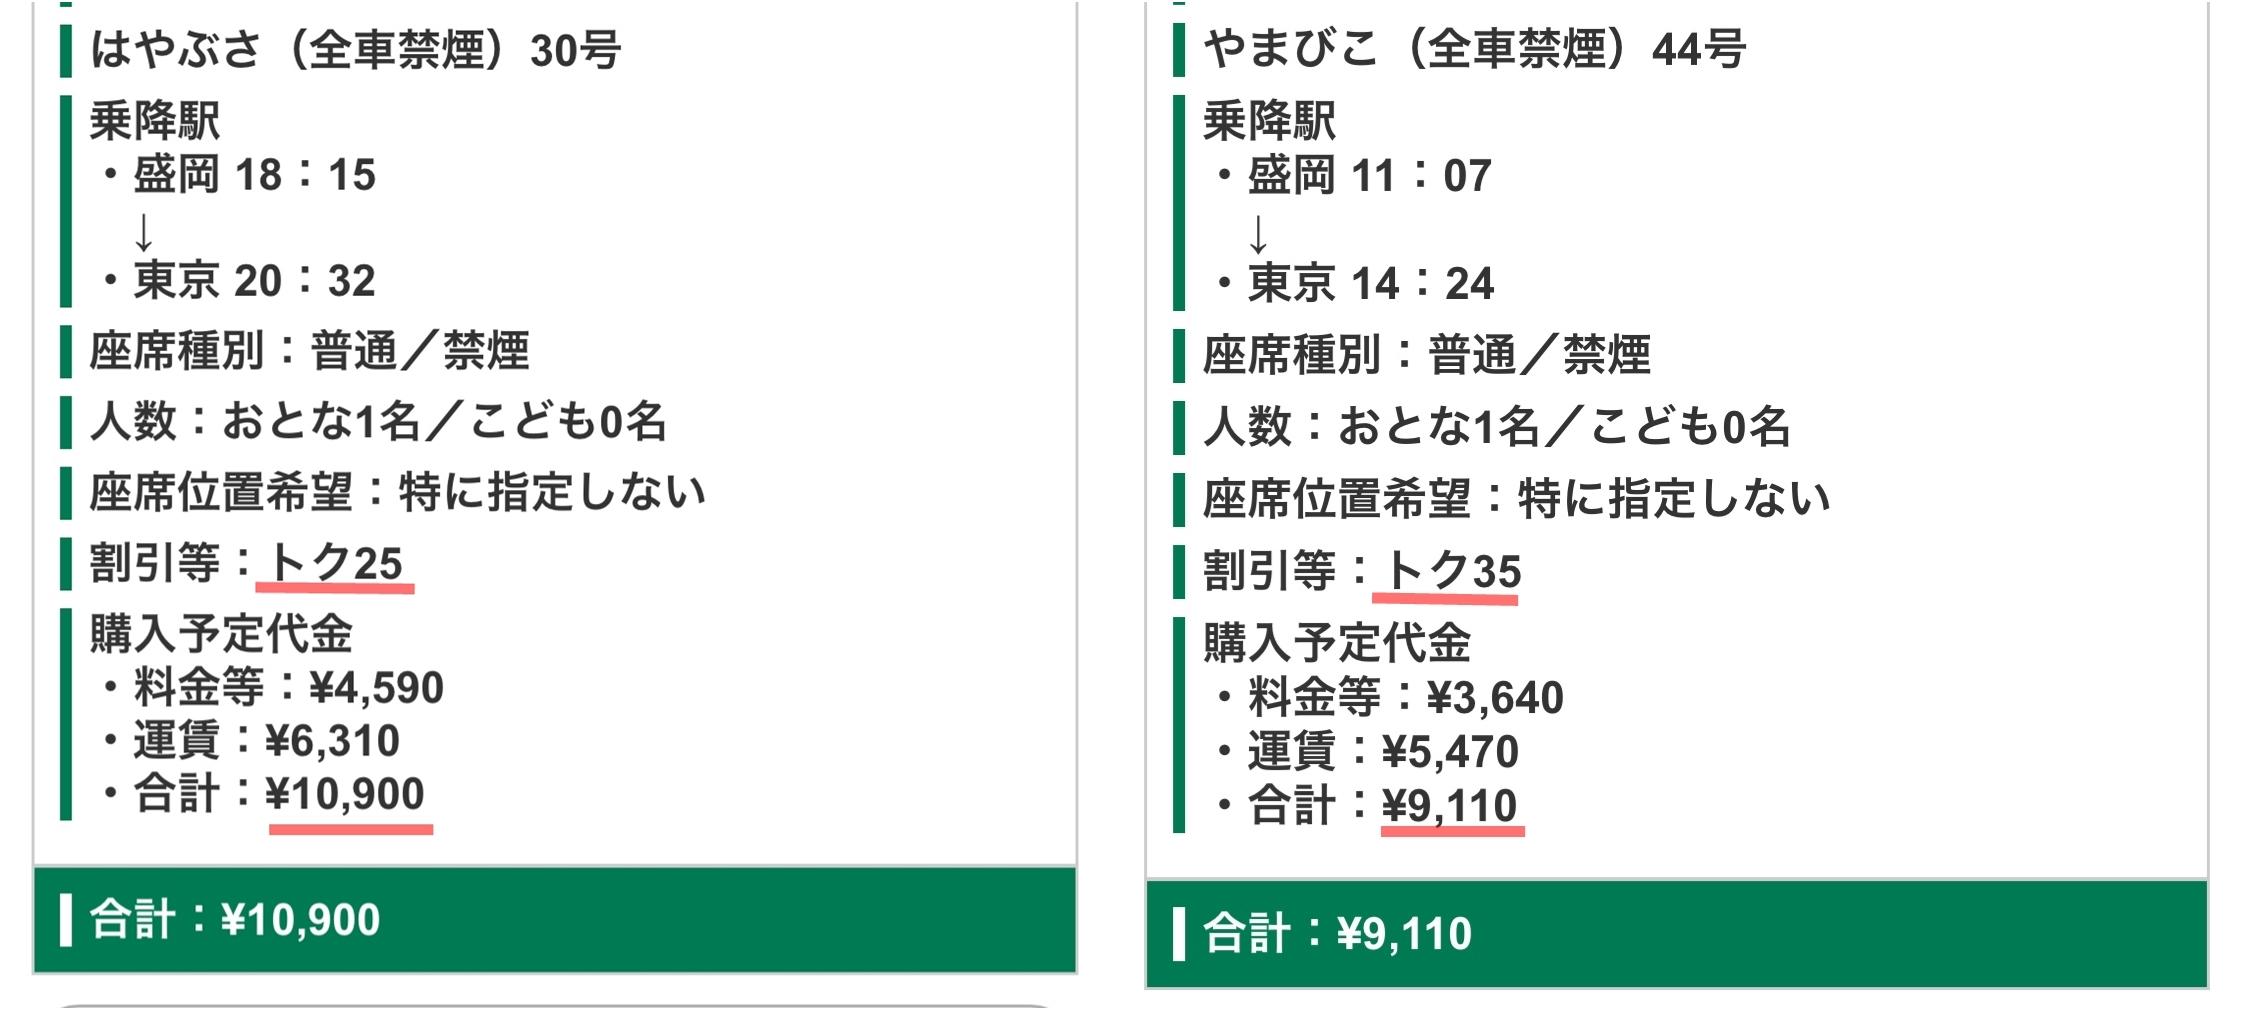 東北新幹線の割引料金